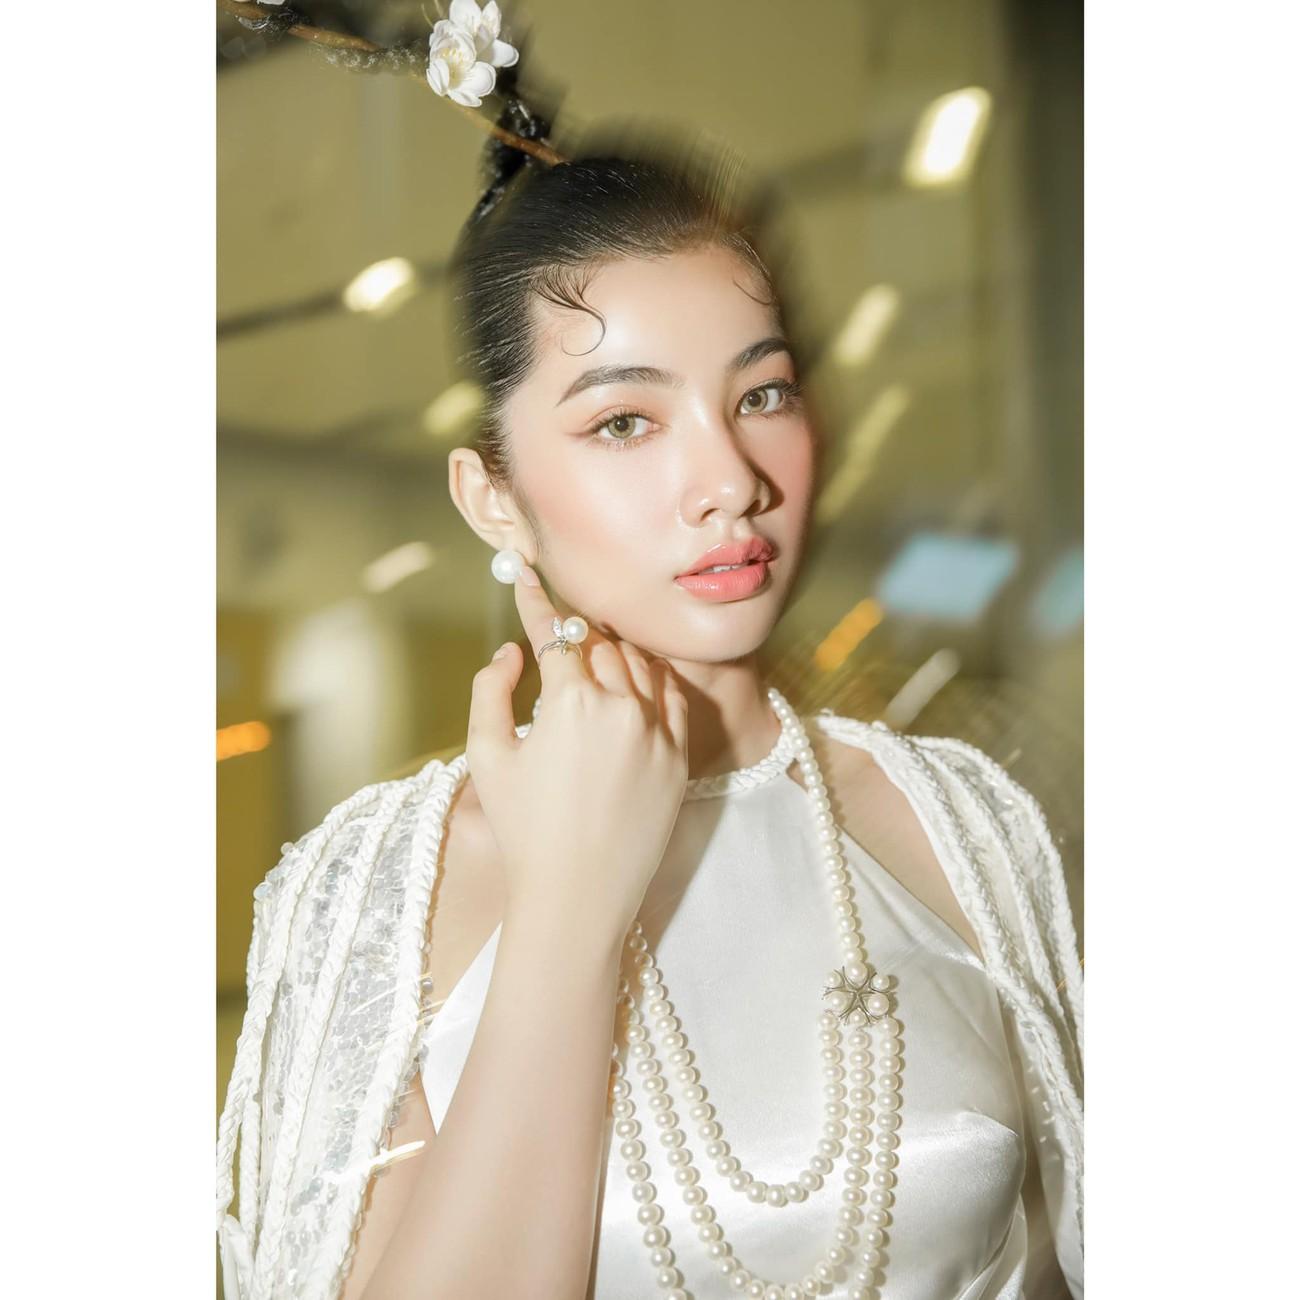 Người đẹp Cẩm Đan diện áo yếm gợi cảm kiêu kỳ ảnh 1